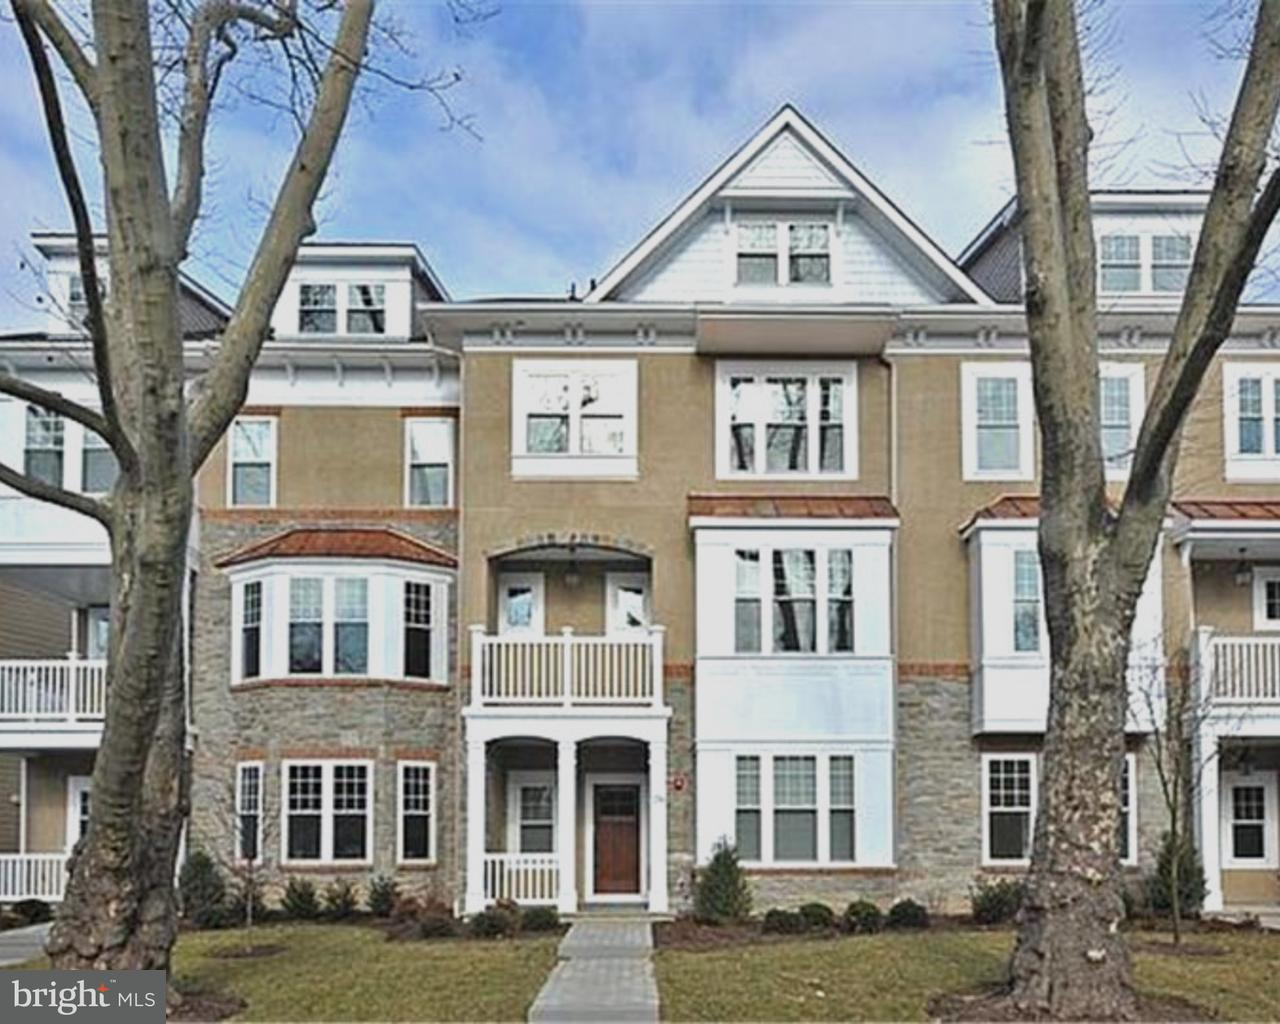 136 Pennsylvania Avenue Bryn Mawr, PA 19010